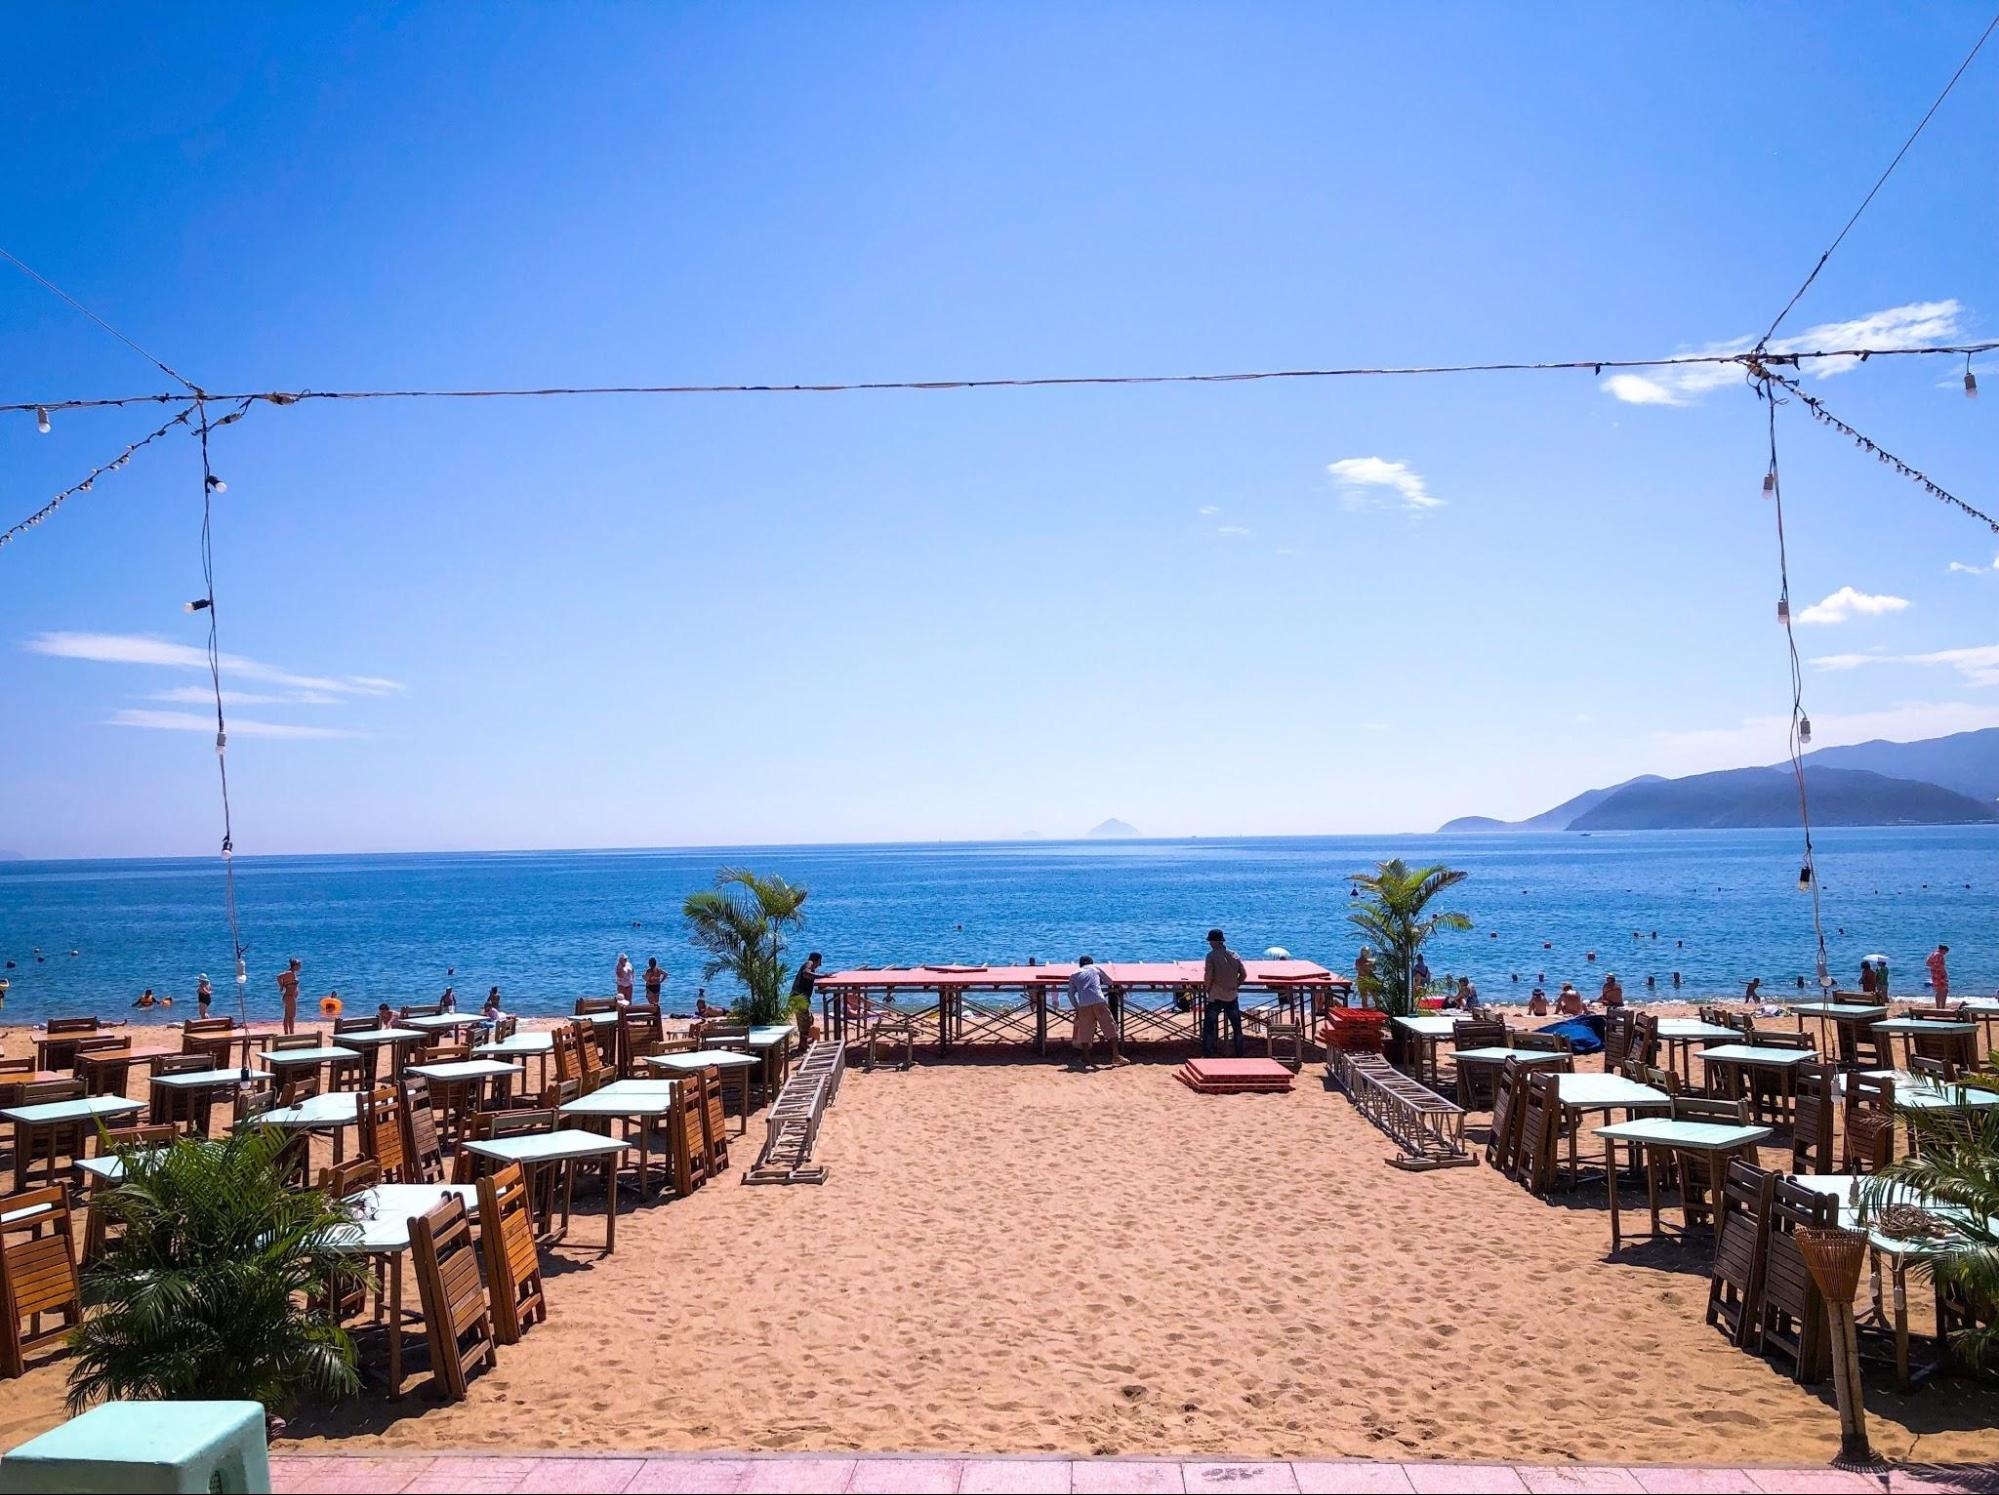 quán cà phê view biển ở nha trang 2